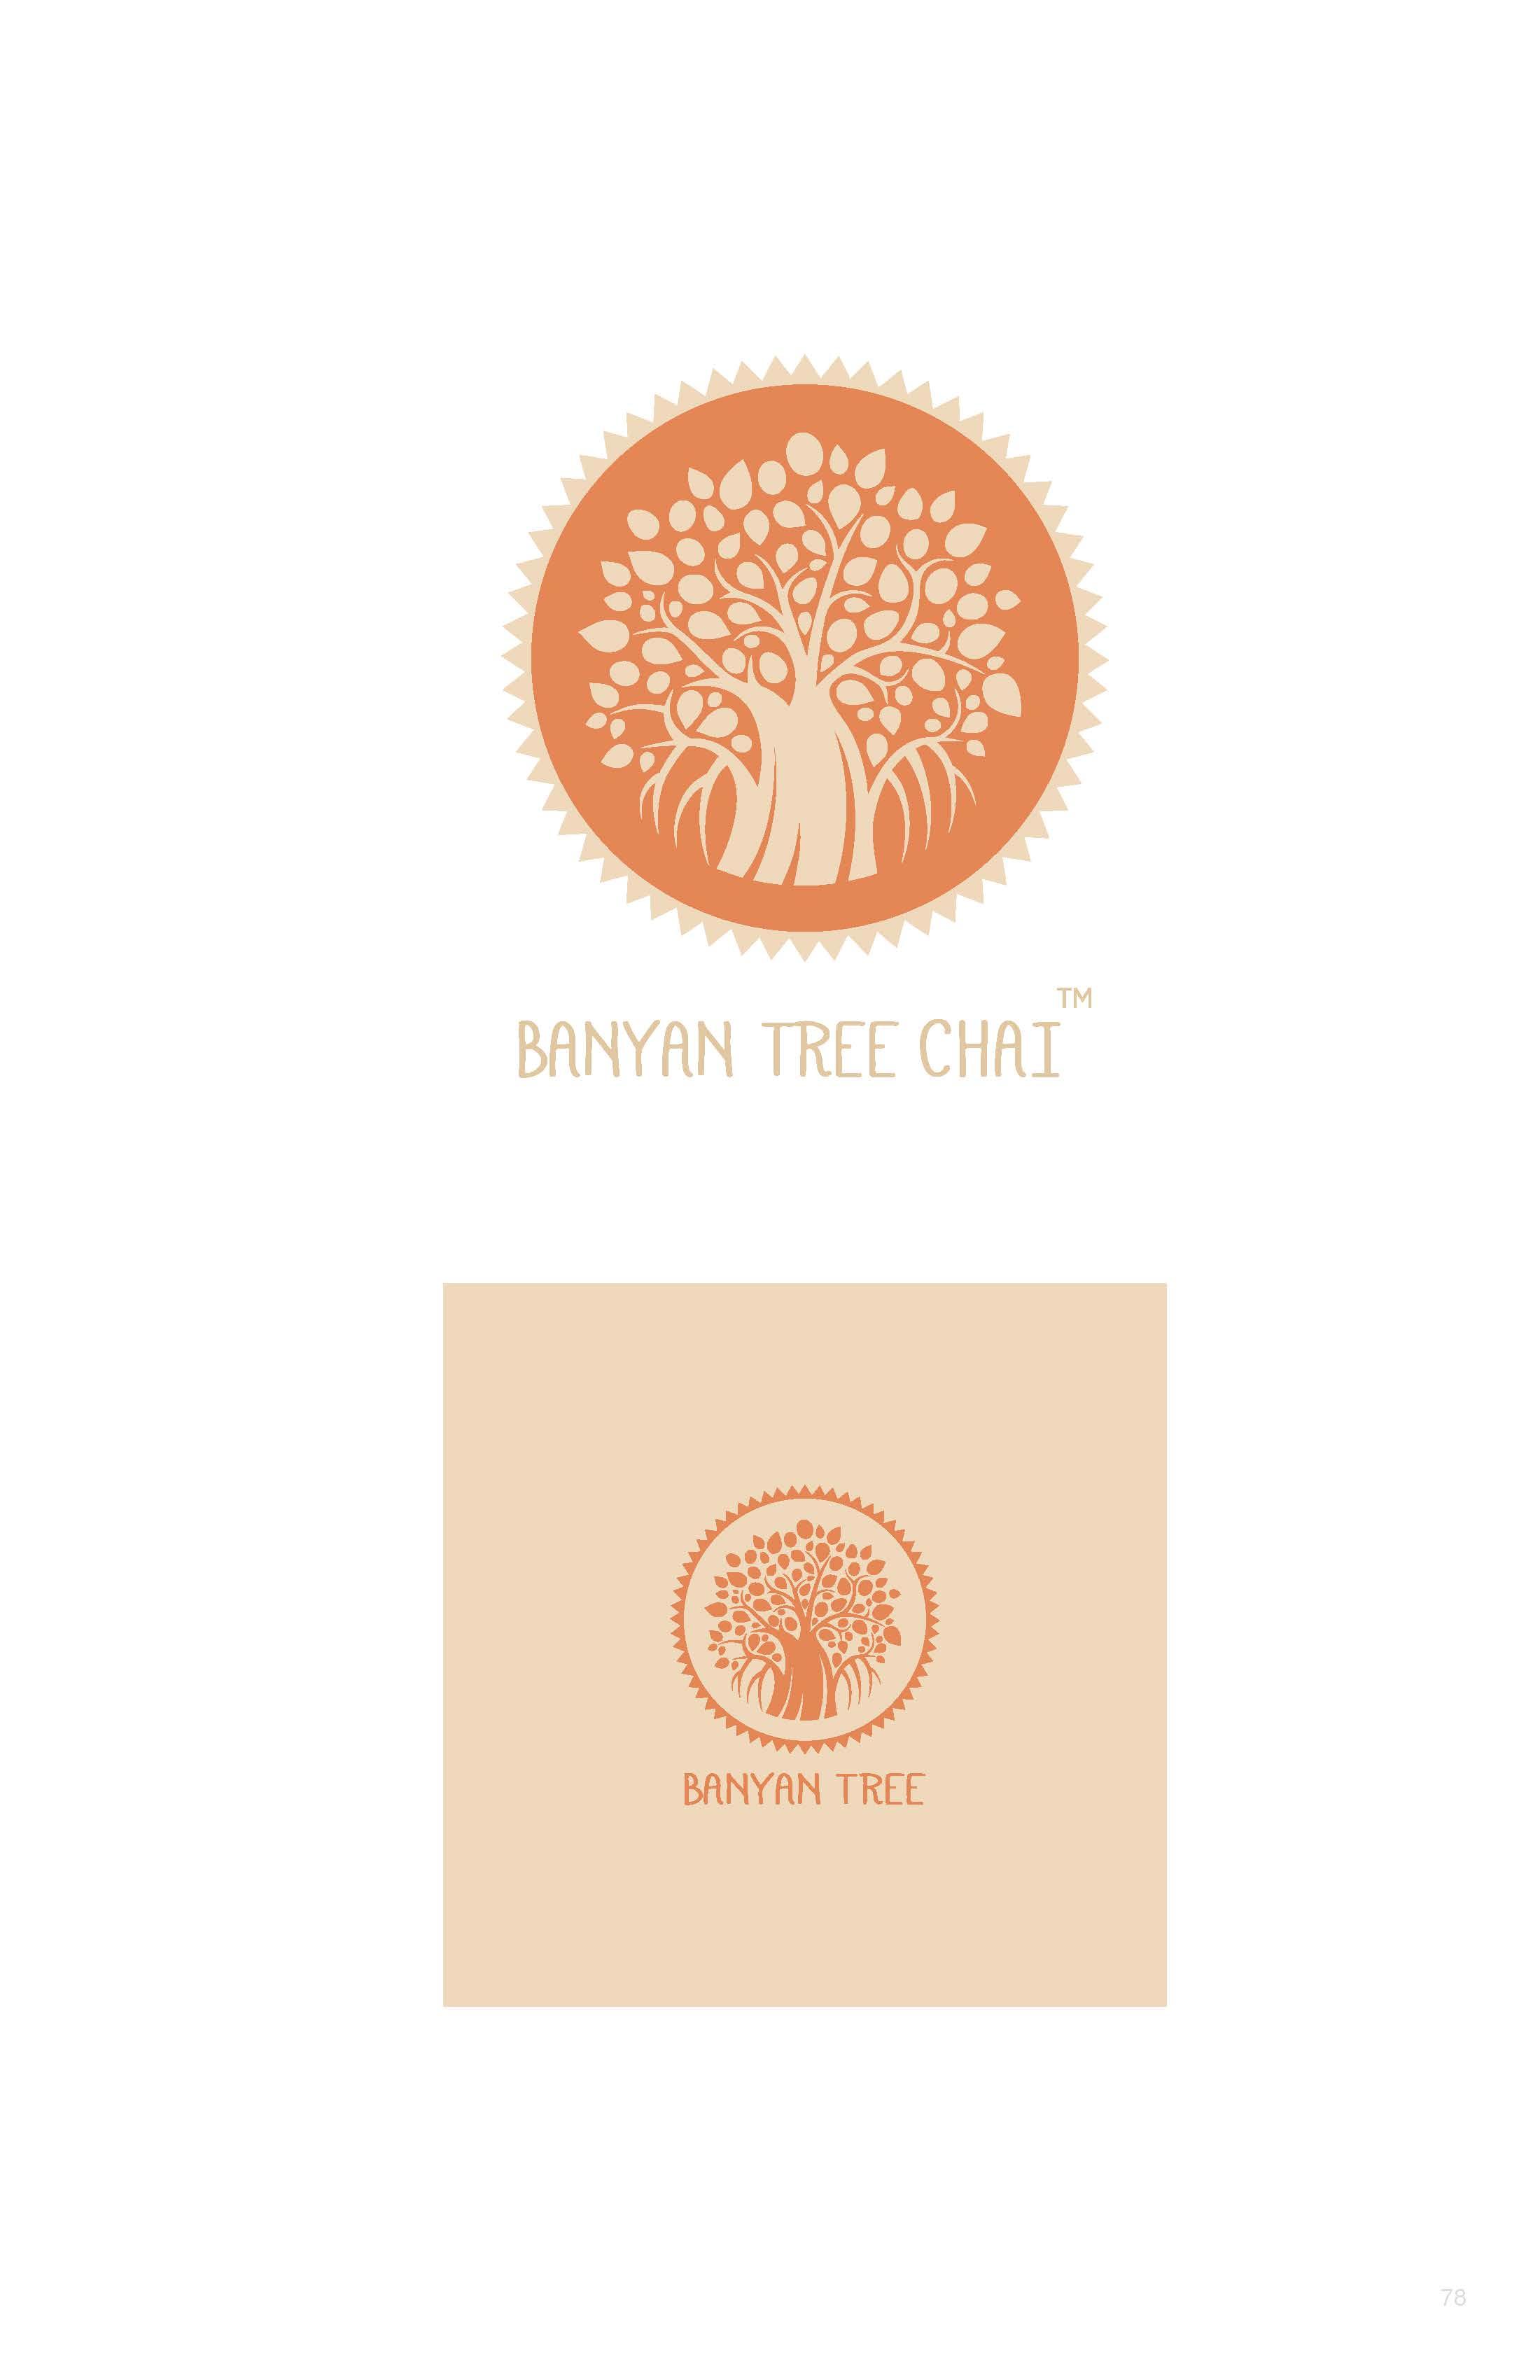 American Advertising Federation Louisville Banyan Tree Logo